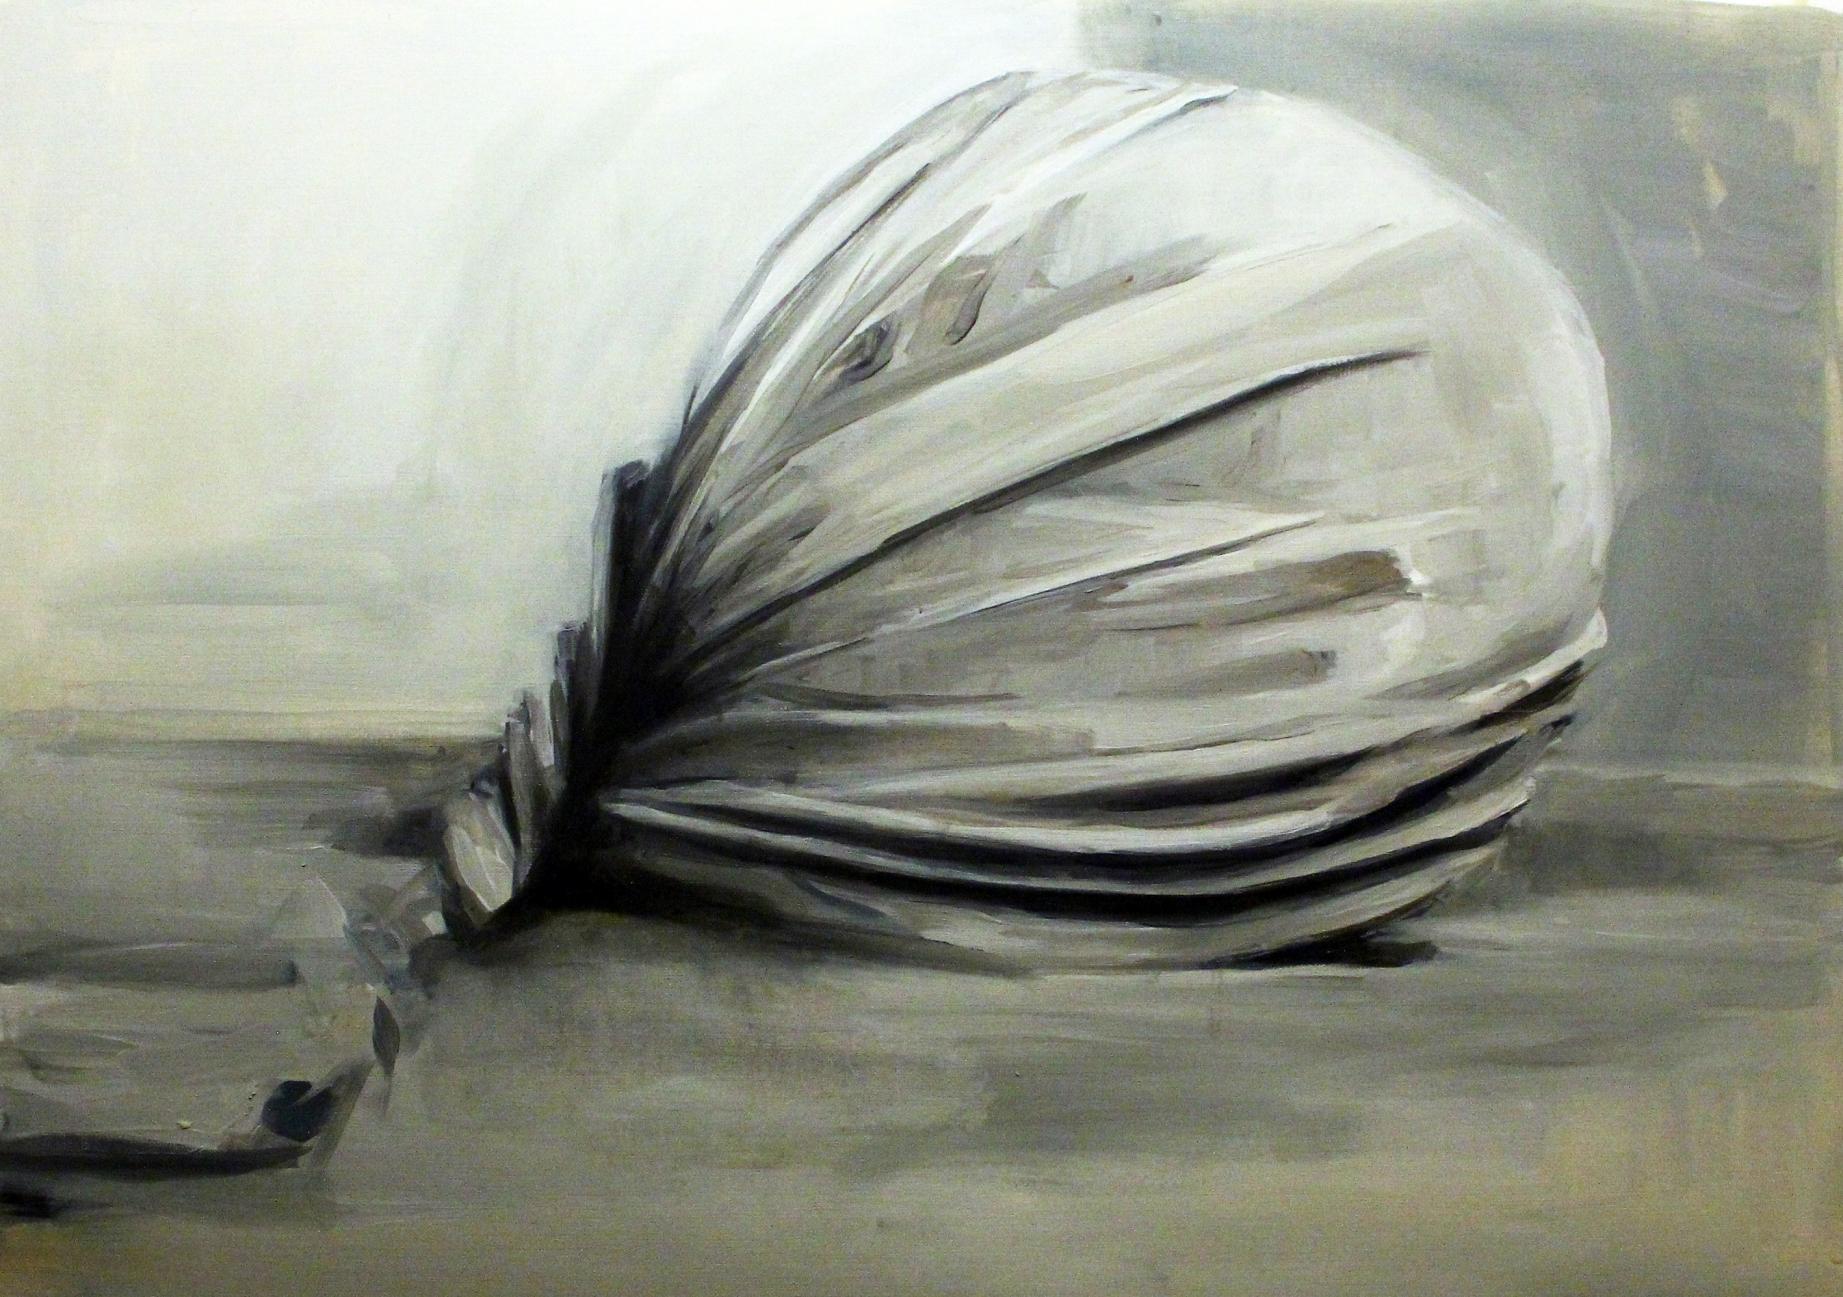 Cabeza (2017) - Juan Esteban Reyes Dreisziger